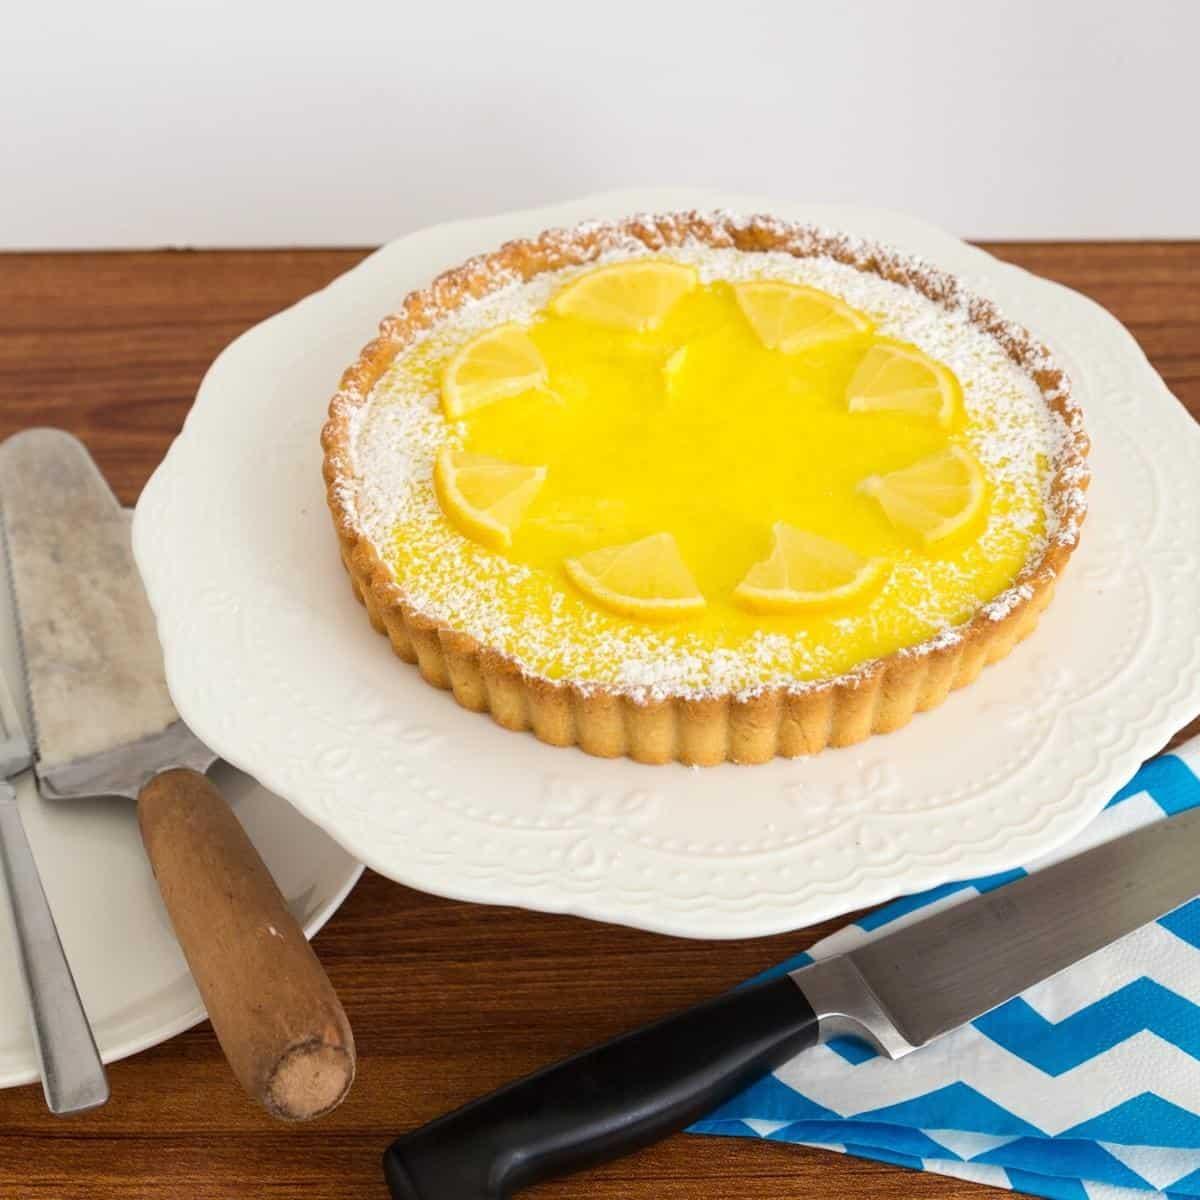 A lemon tart on a cake stand